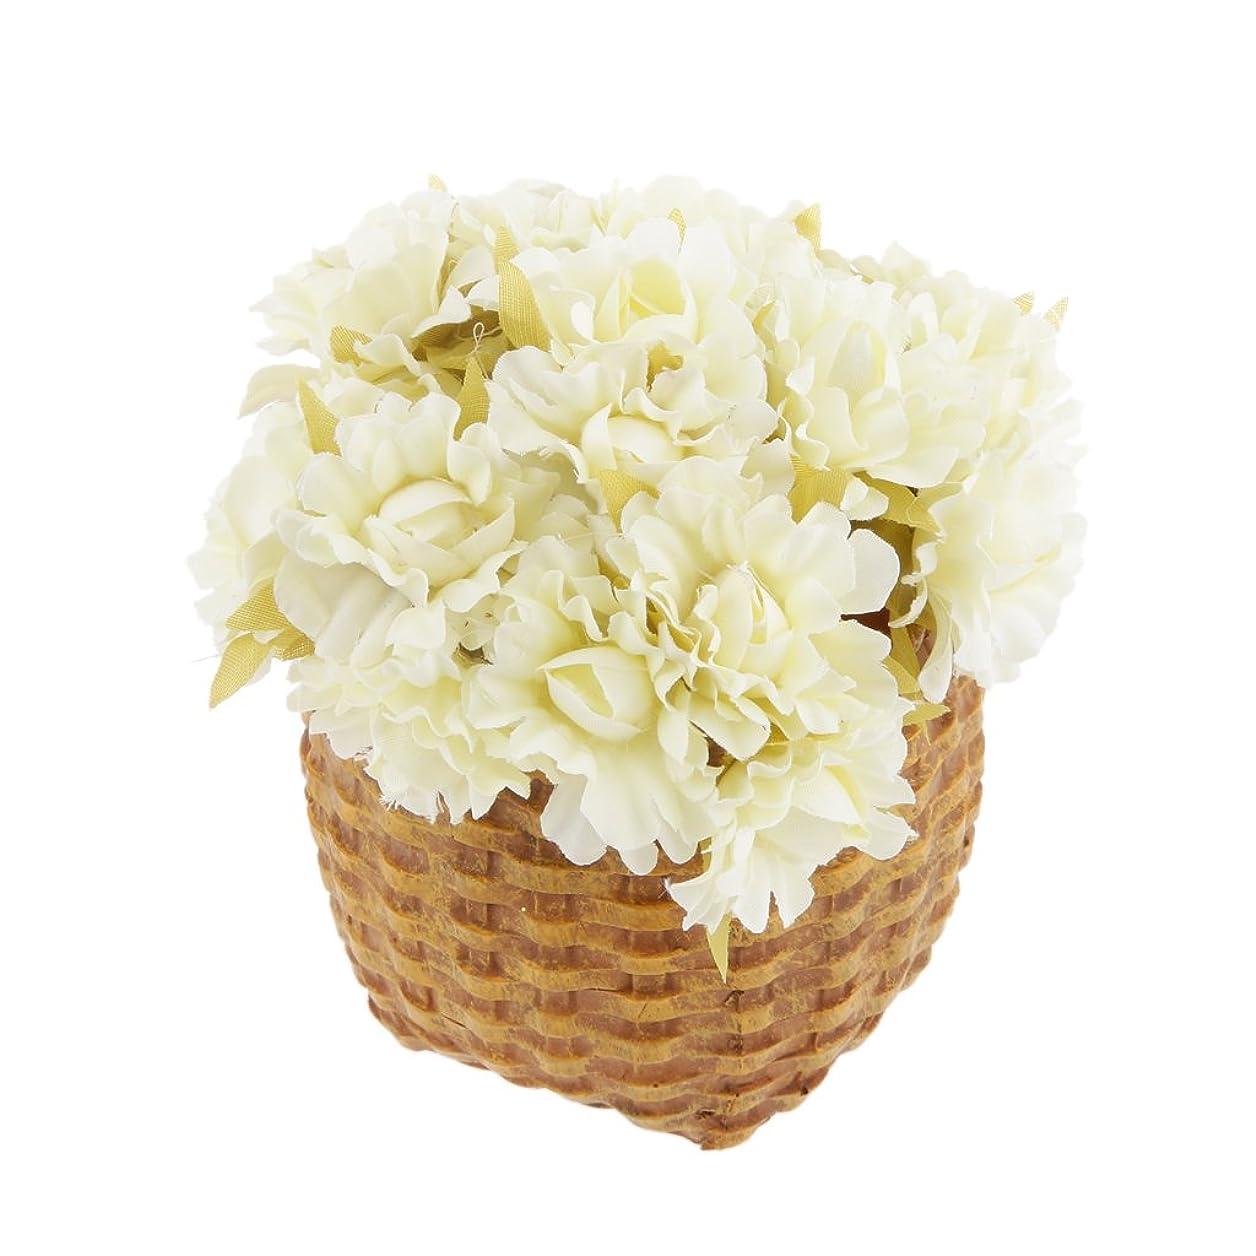 スリットはねかけるもっと60ピース 造花 シルク ヘッド デイジー 結婚式 装飾 DIY 花束 13色選べる - ベージュ, 10センチメートル